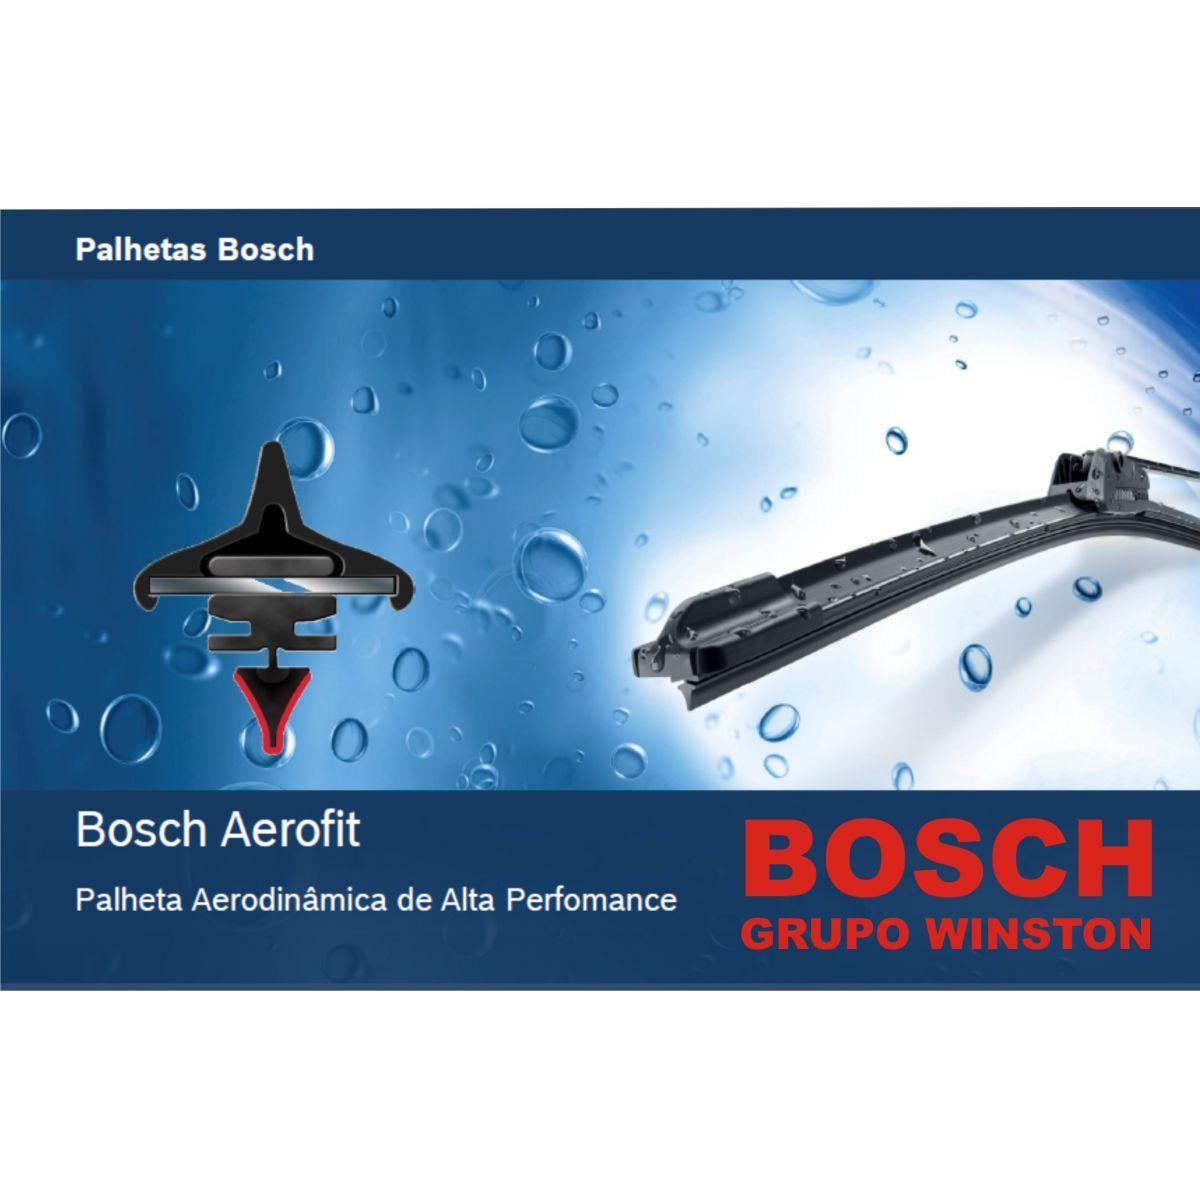 Palheta Bosch Aerofit Limpador de para brisa Bosch JAC J5 2011 a 2015 GANCHO